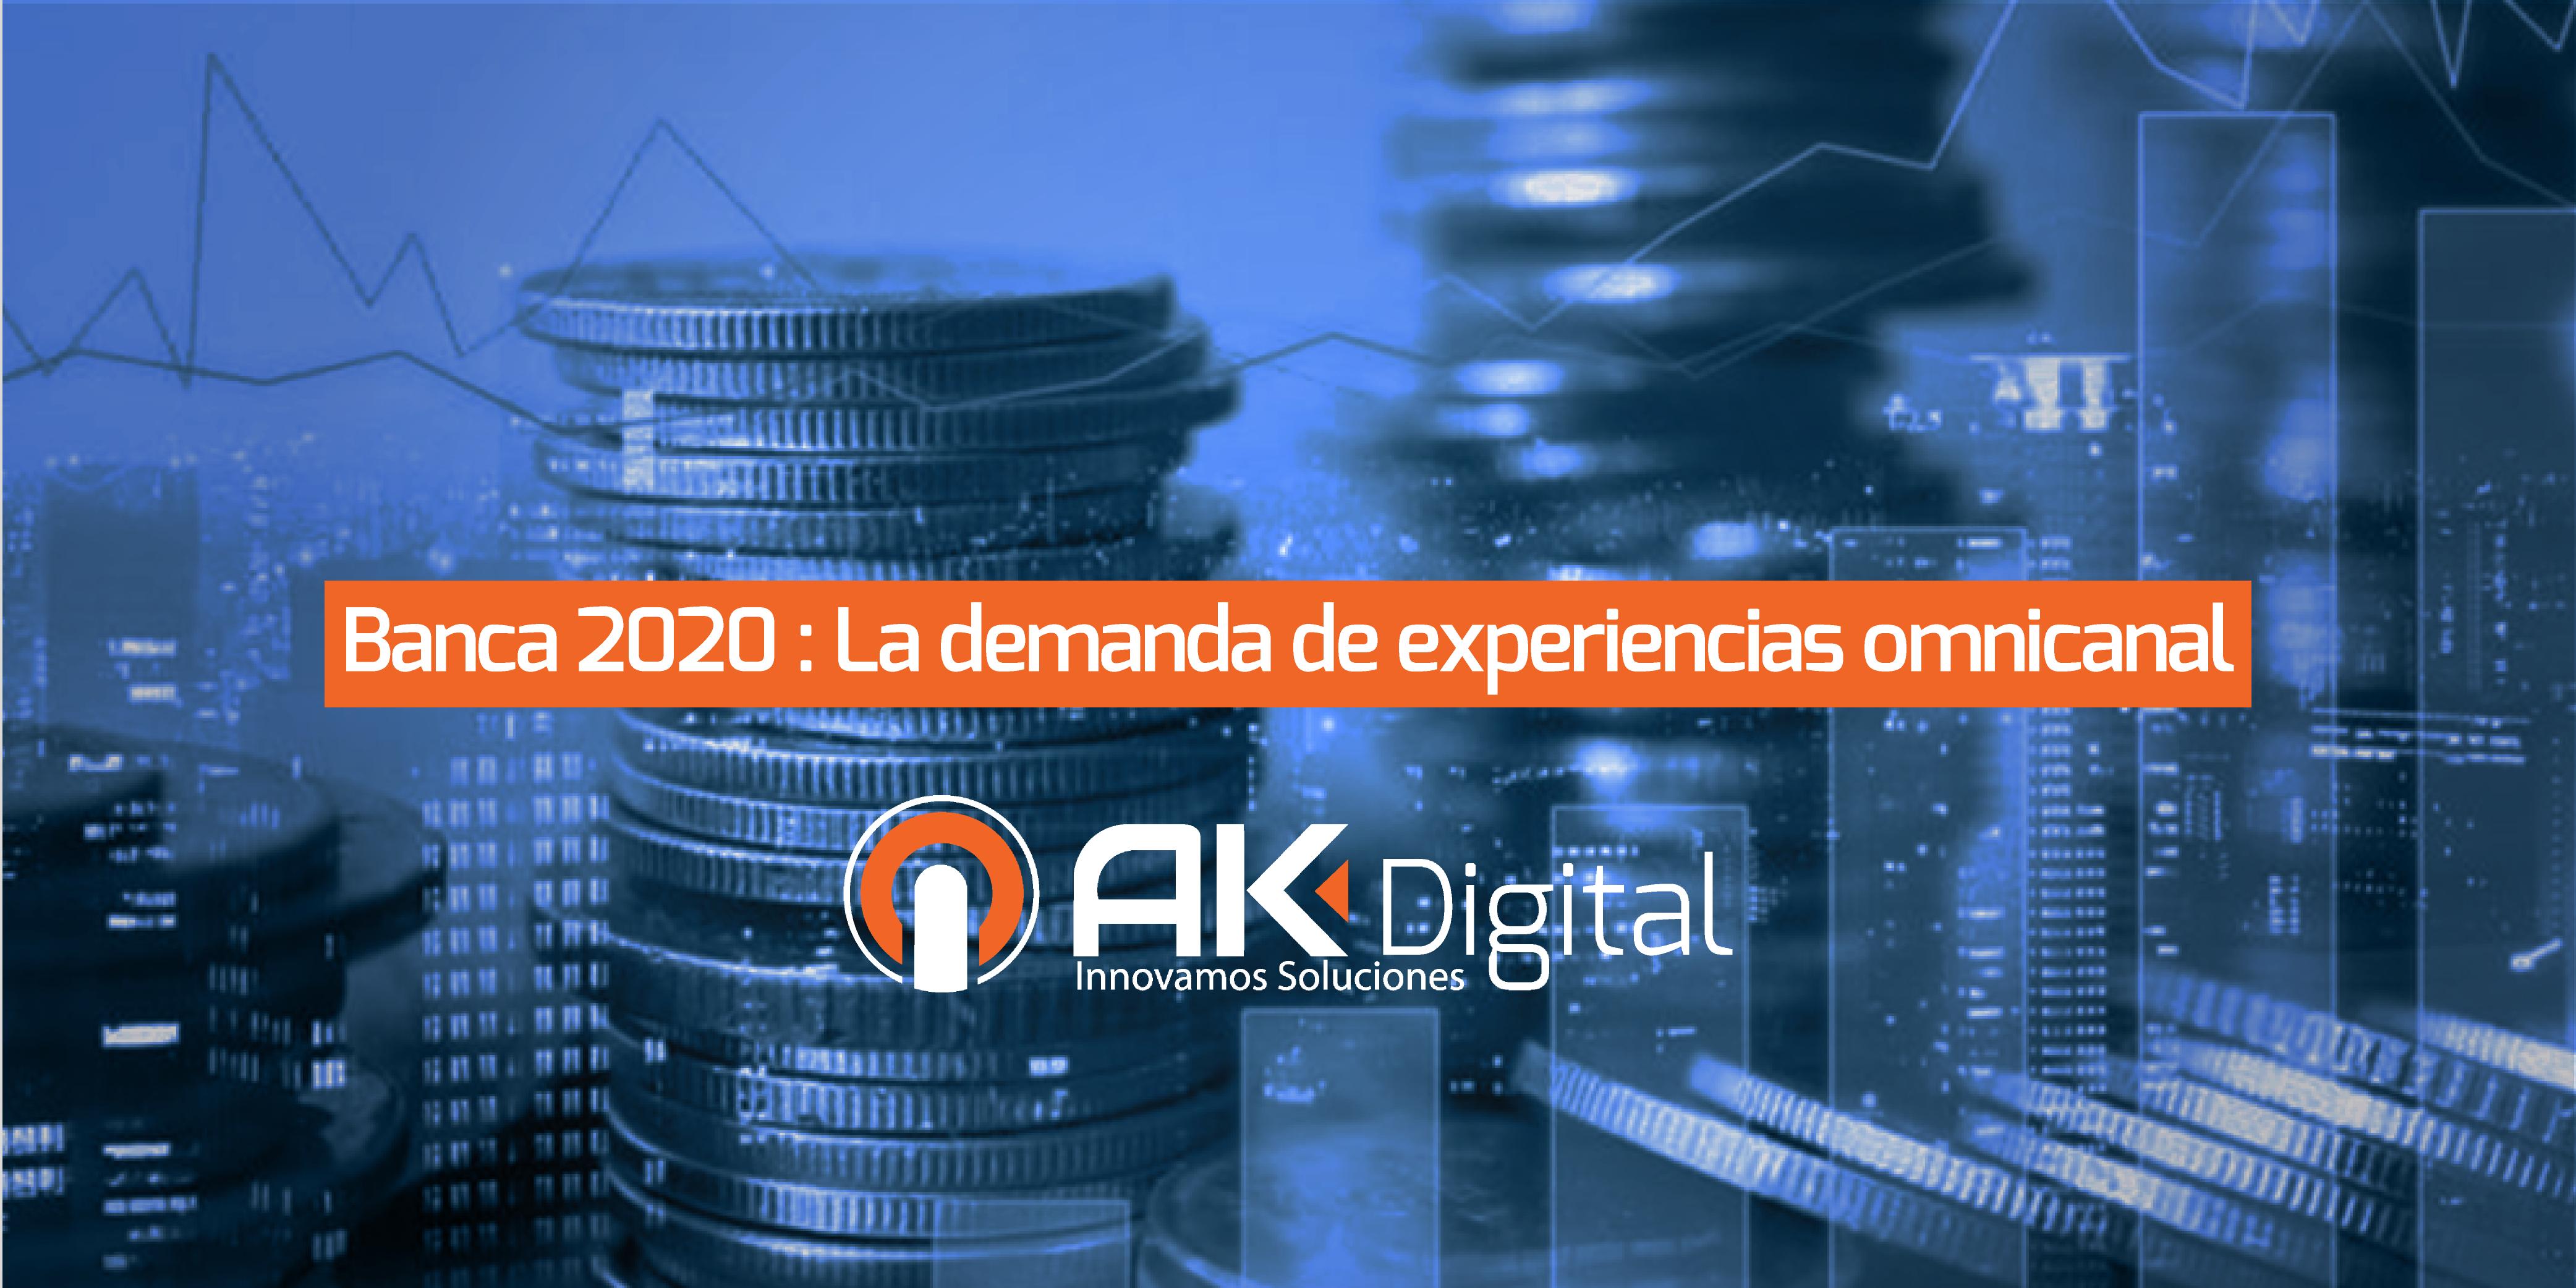 Banca 2020: La demanda de experiencias omnicanal